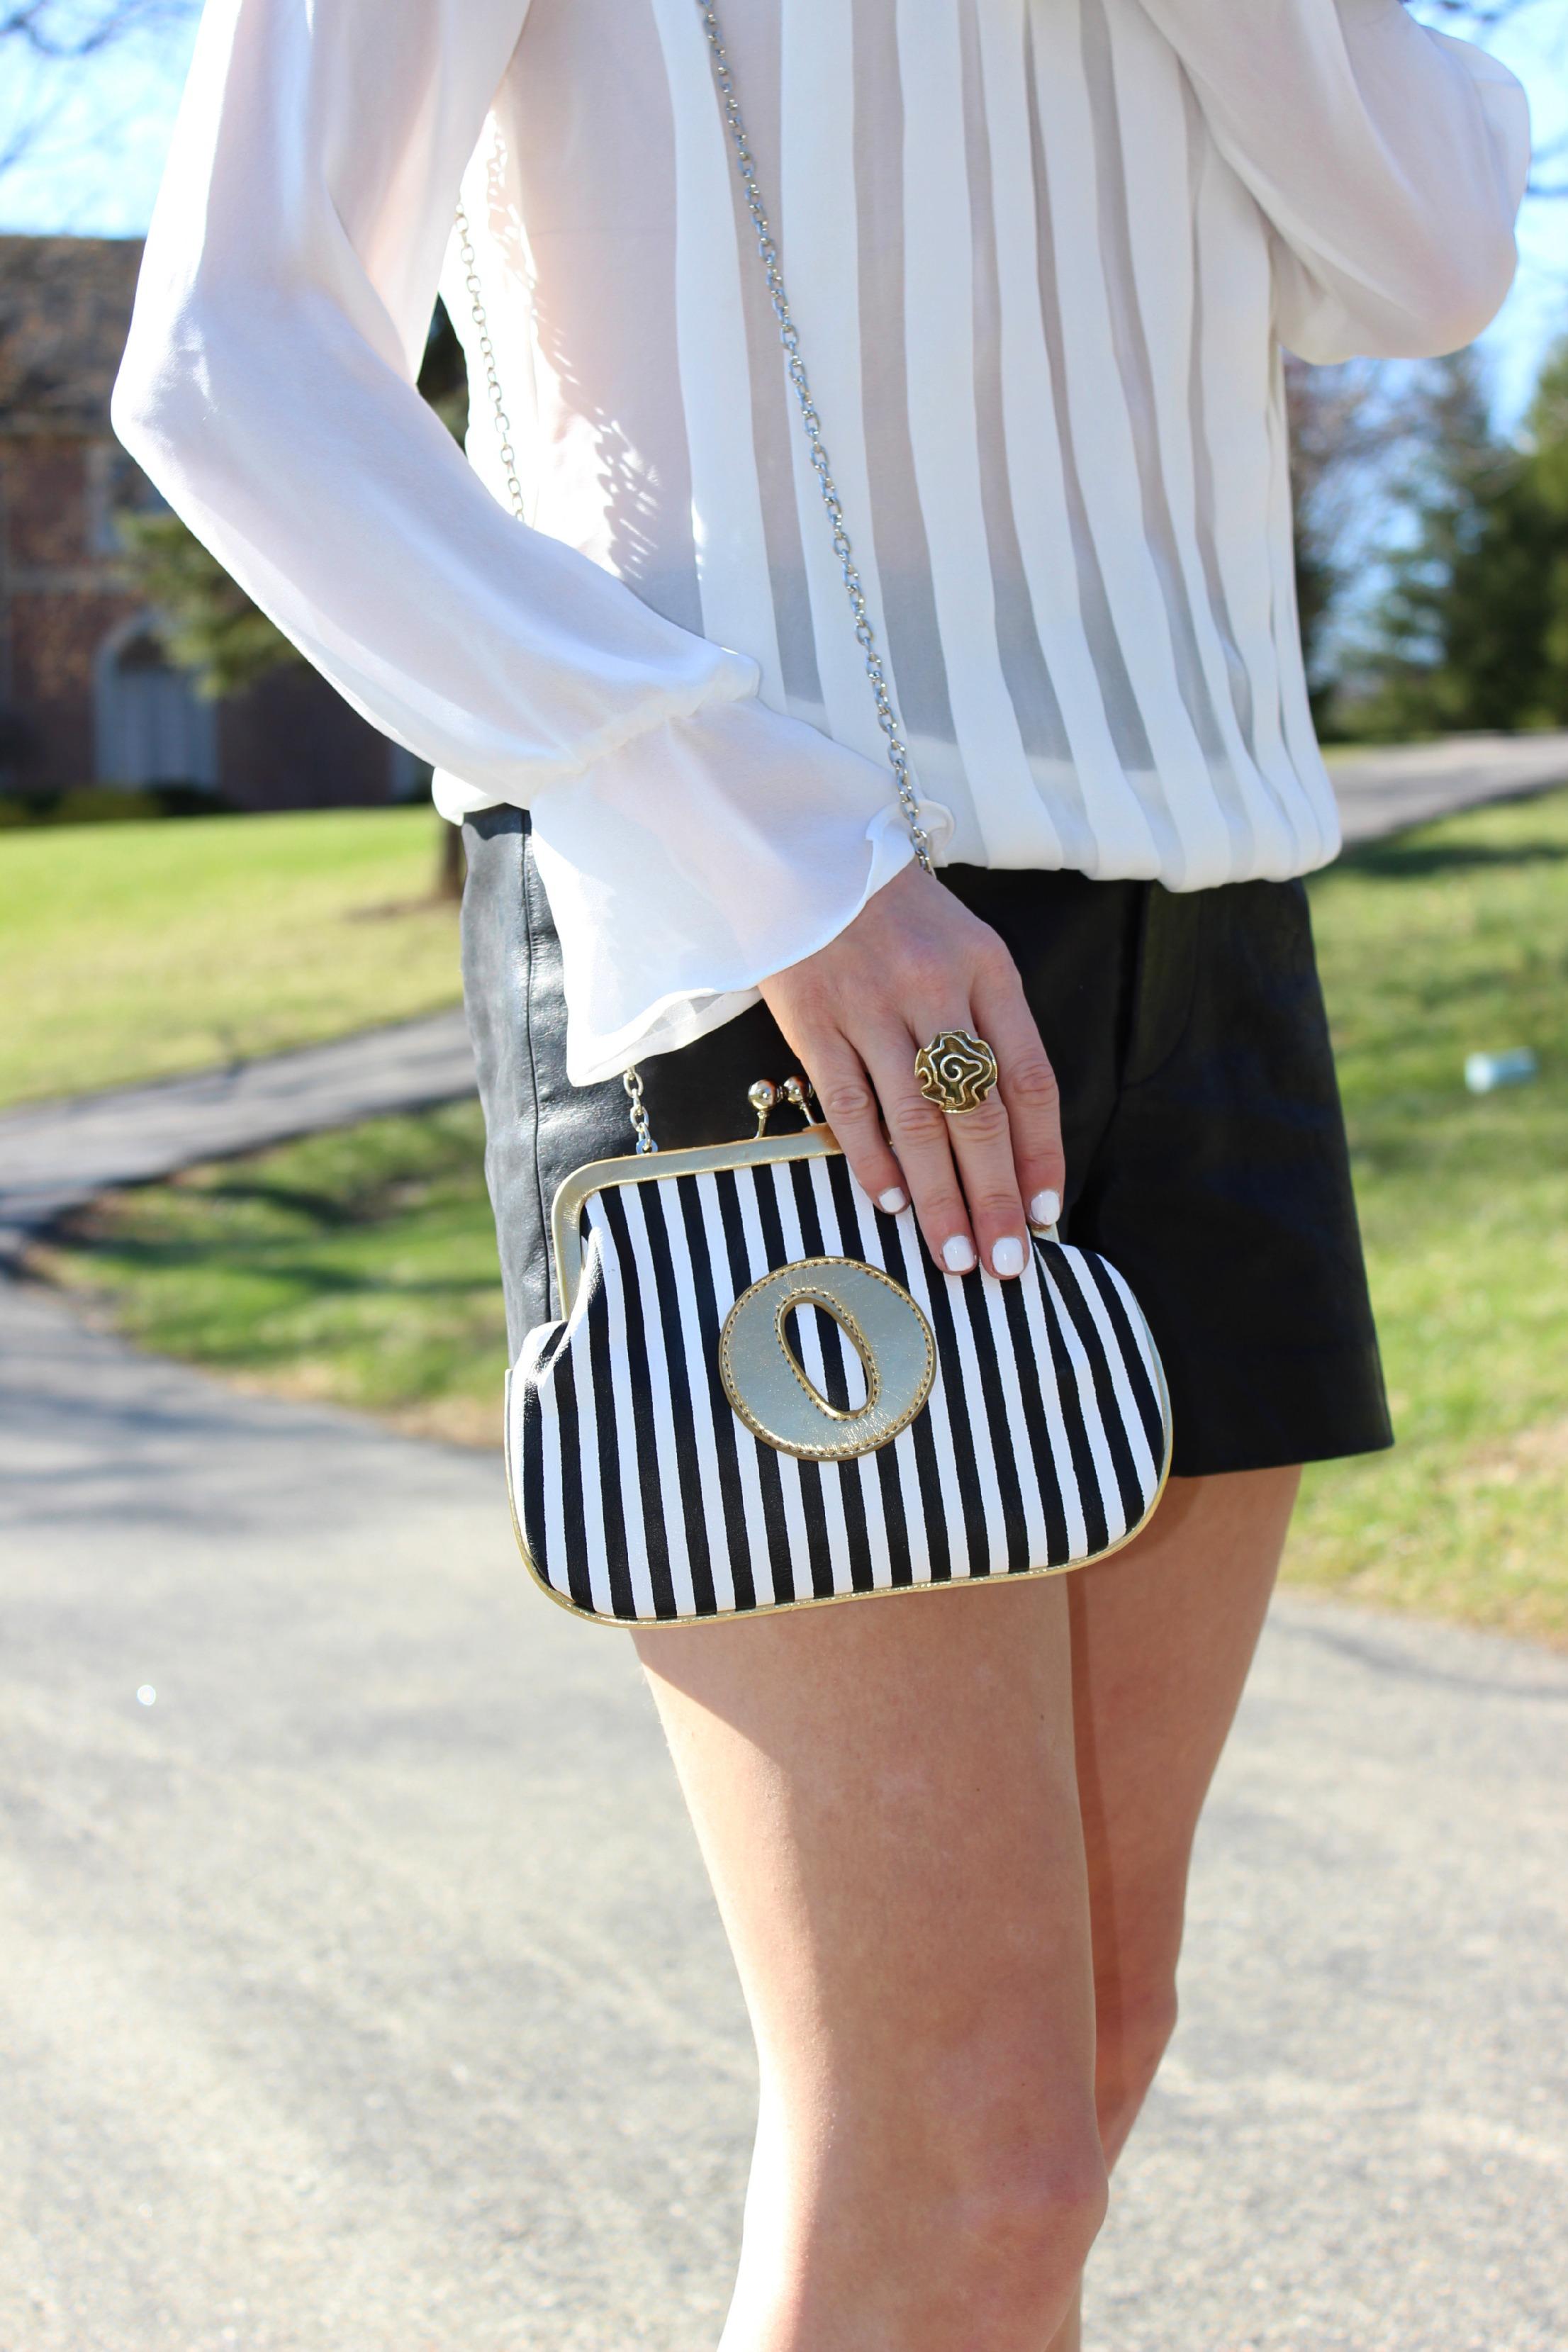 Melie Bianco Striped Clutch Purse